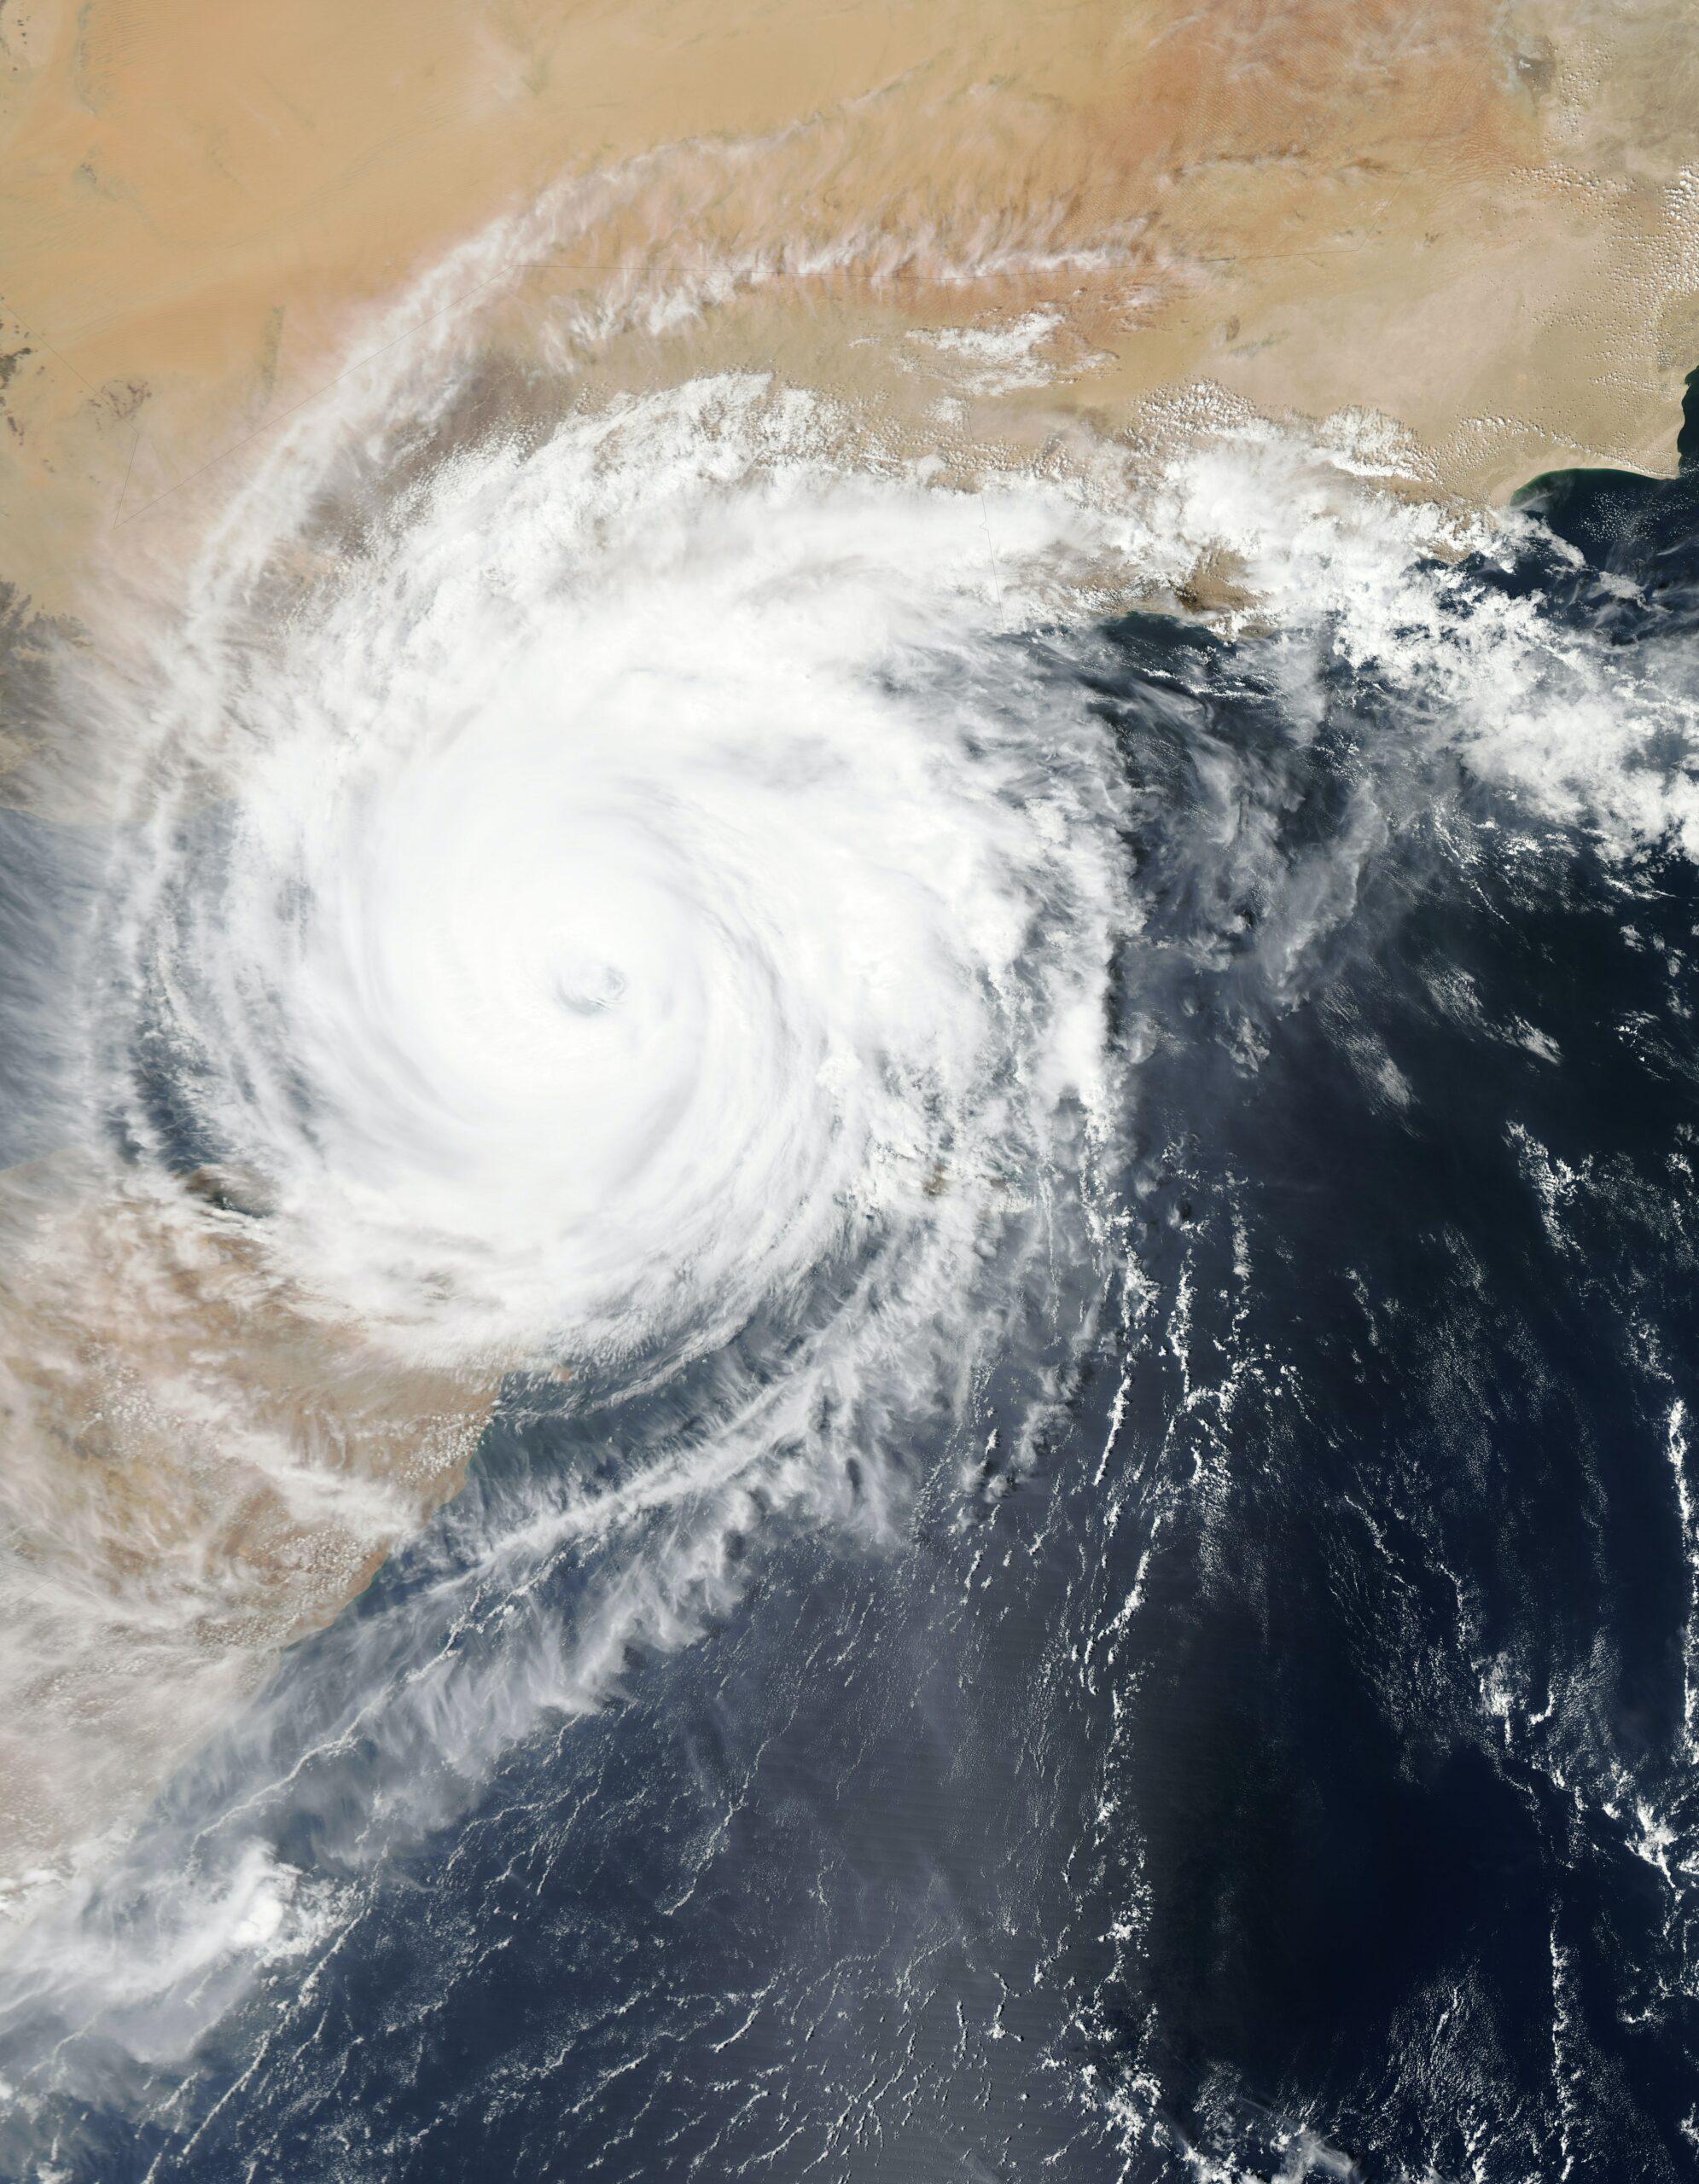 Wetter ist ein Thema, das uns alle betrifft. Nicht zuletzt durch die Klimakrise mit einhergehenden Wetter-Extremen wird der Bedarf, genügend vorbereitet zu sein, stetig wachsen. BI und Predictive Analytics Daten können unter anderem dabei helfen, dass verschiedene Branchen besser auf Wetter-Extreme vorbereitet sind.